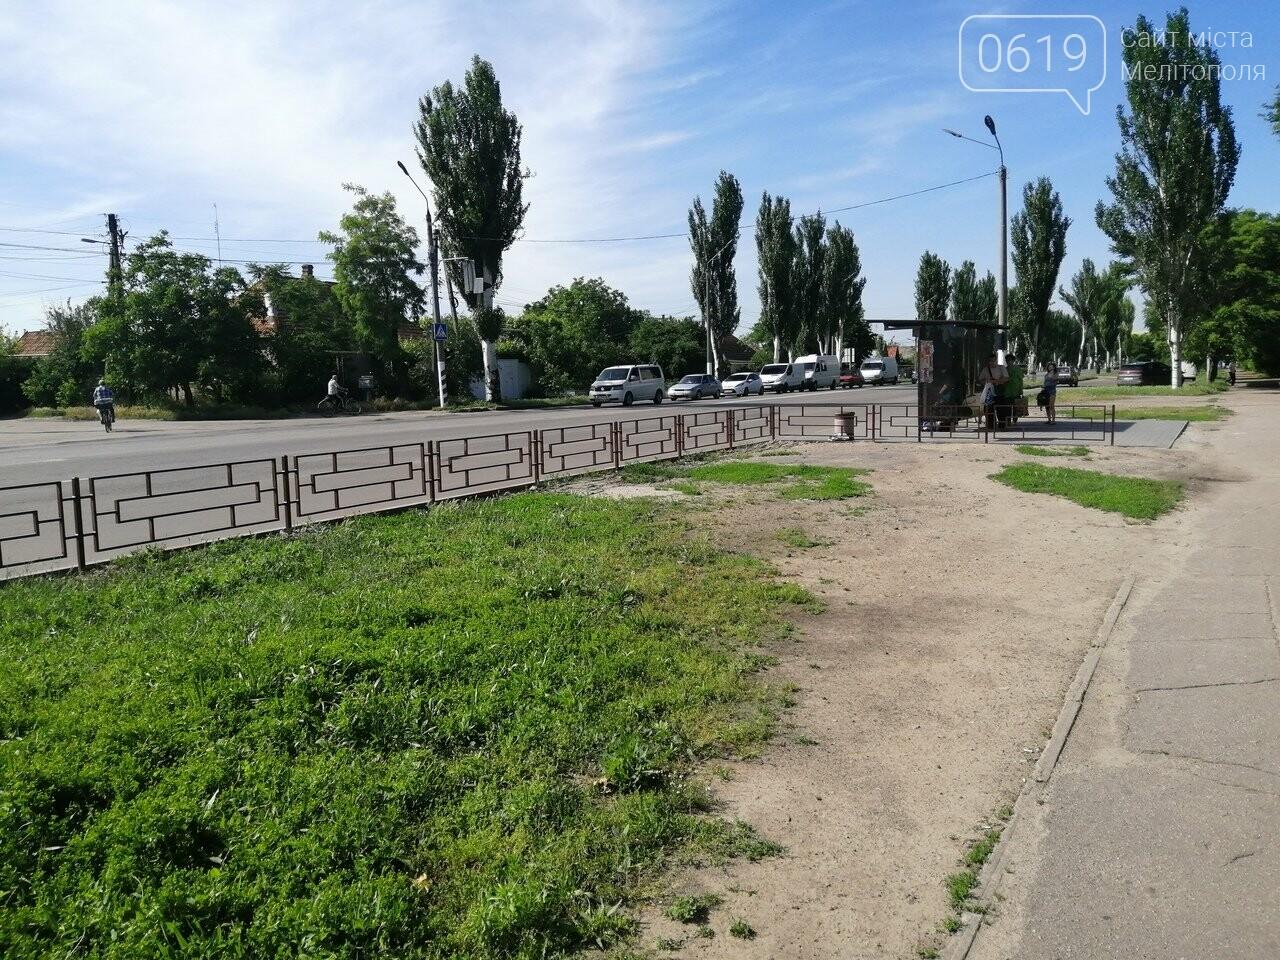 В Мелитополе около остановки появилось ограждение , фото-1, Фото сайта 0619